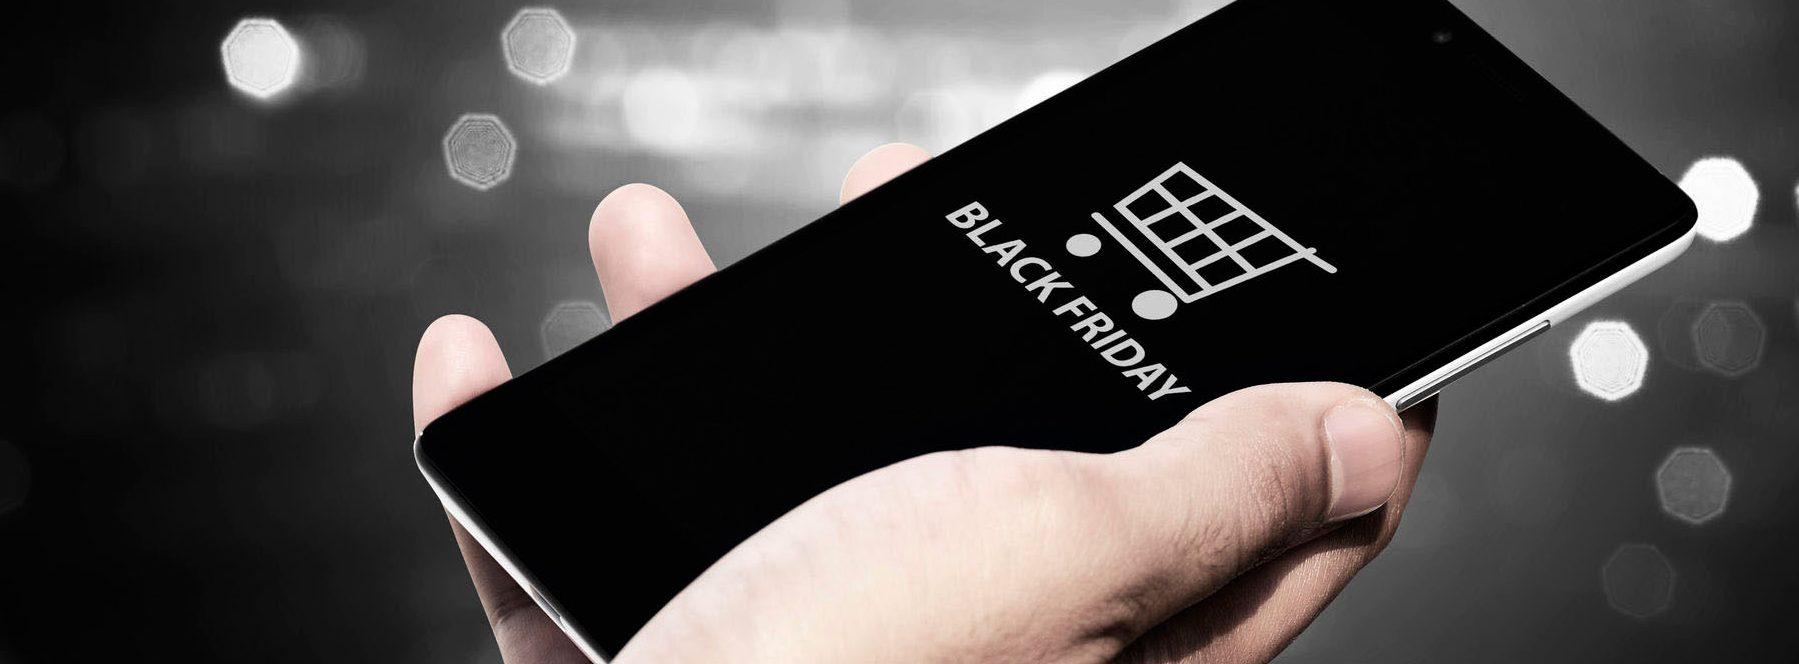 La tecnología como protagonista en el Black Friday